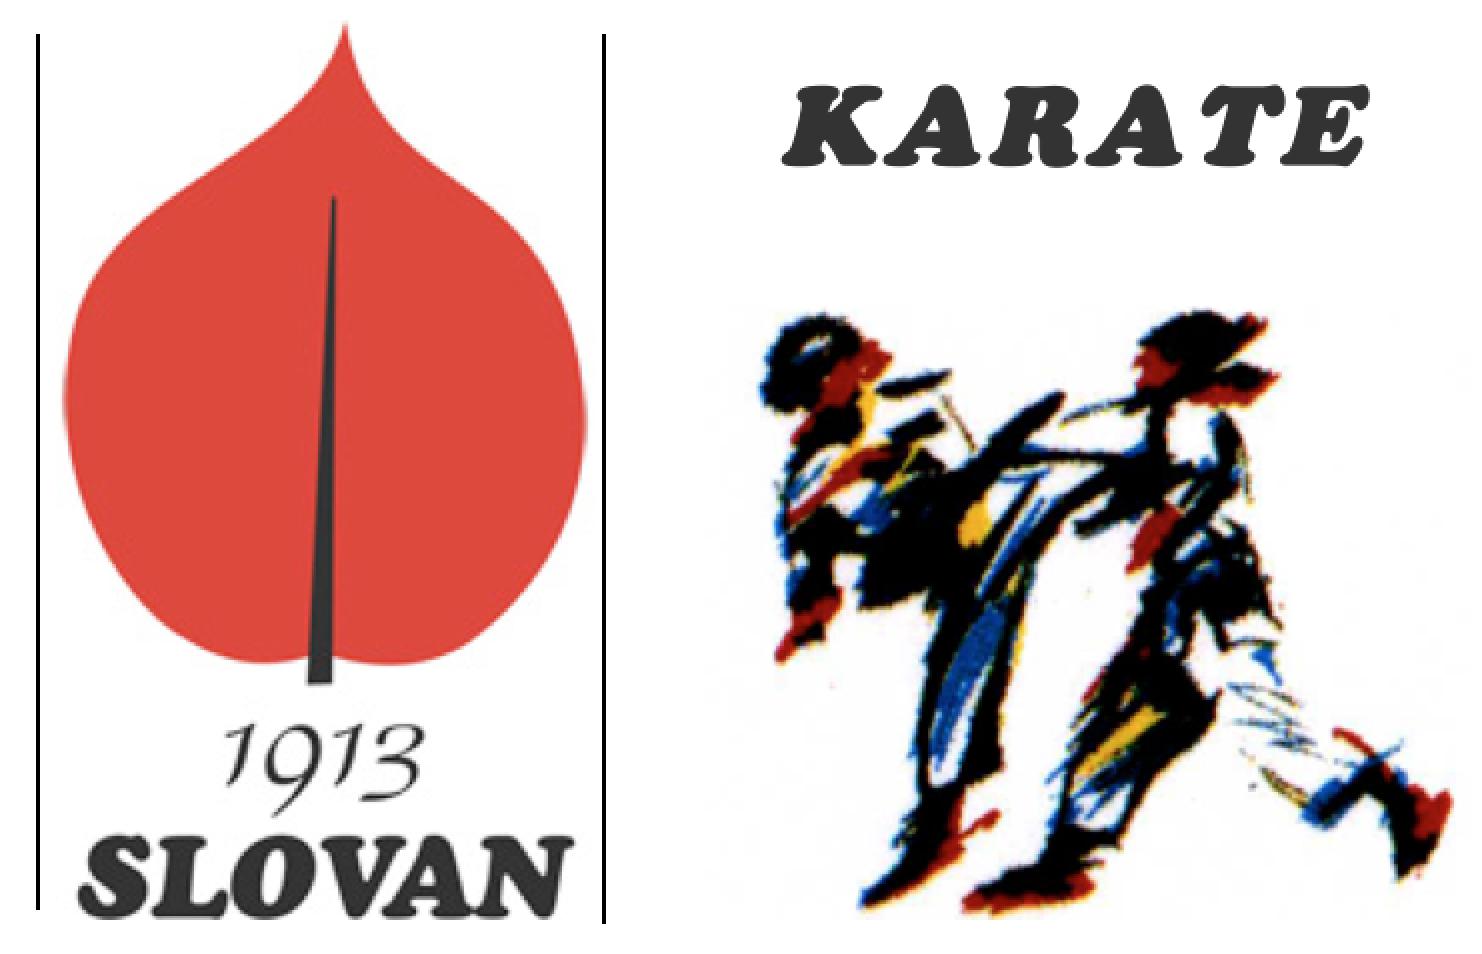 Karate Klub Slovan